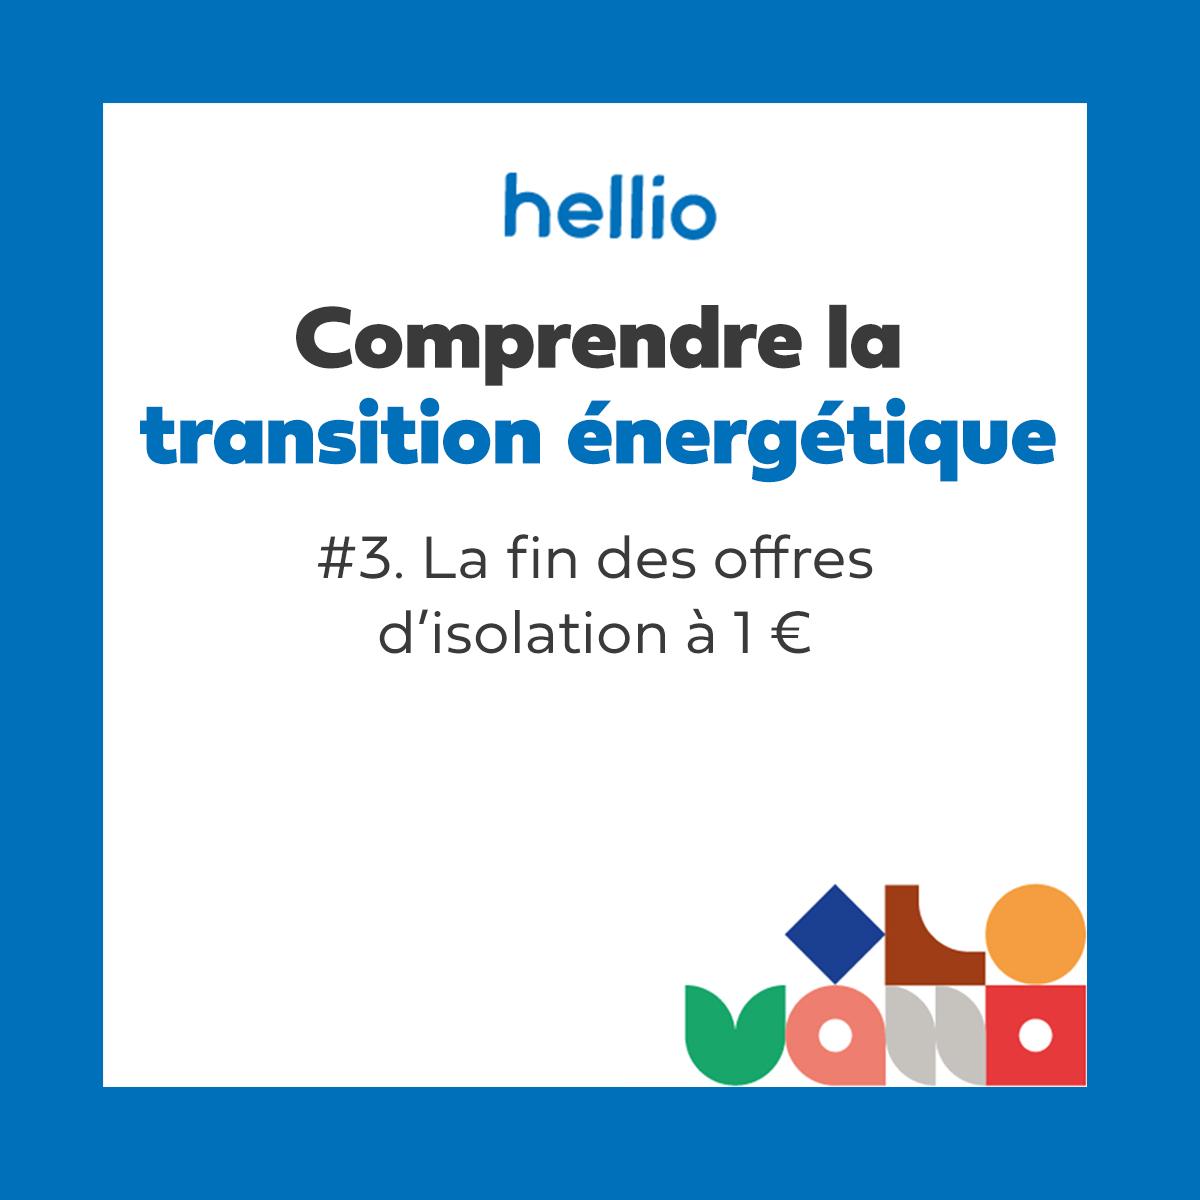 Podcast - Comprendre la transition énergétique : #3 La fin des offres d'isolation à 1€ : un frein à la rénovation énergétique ?